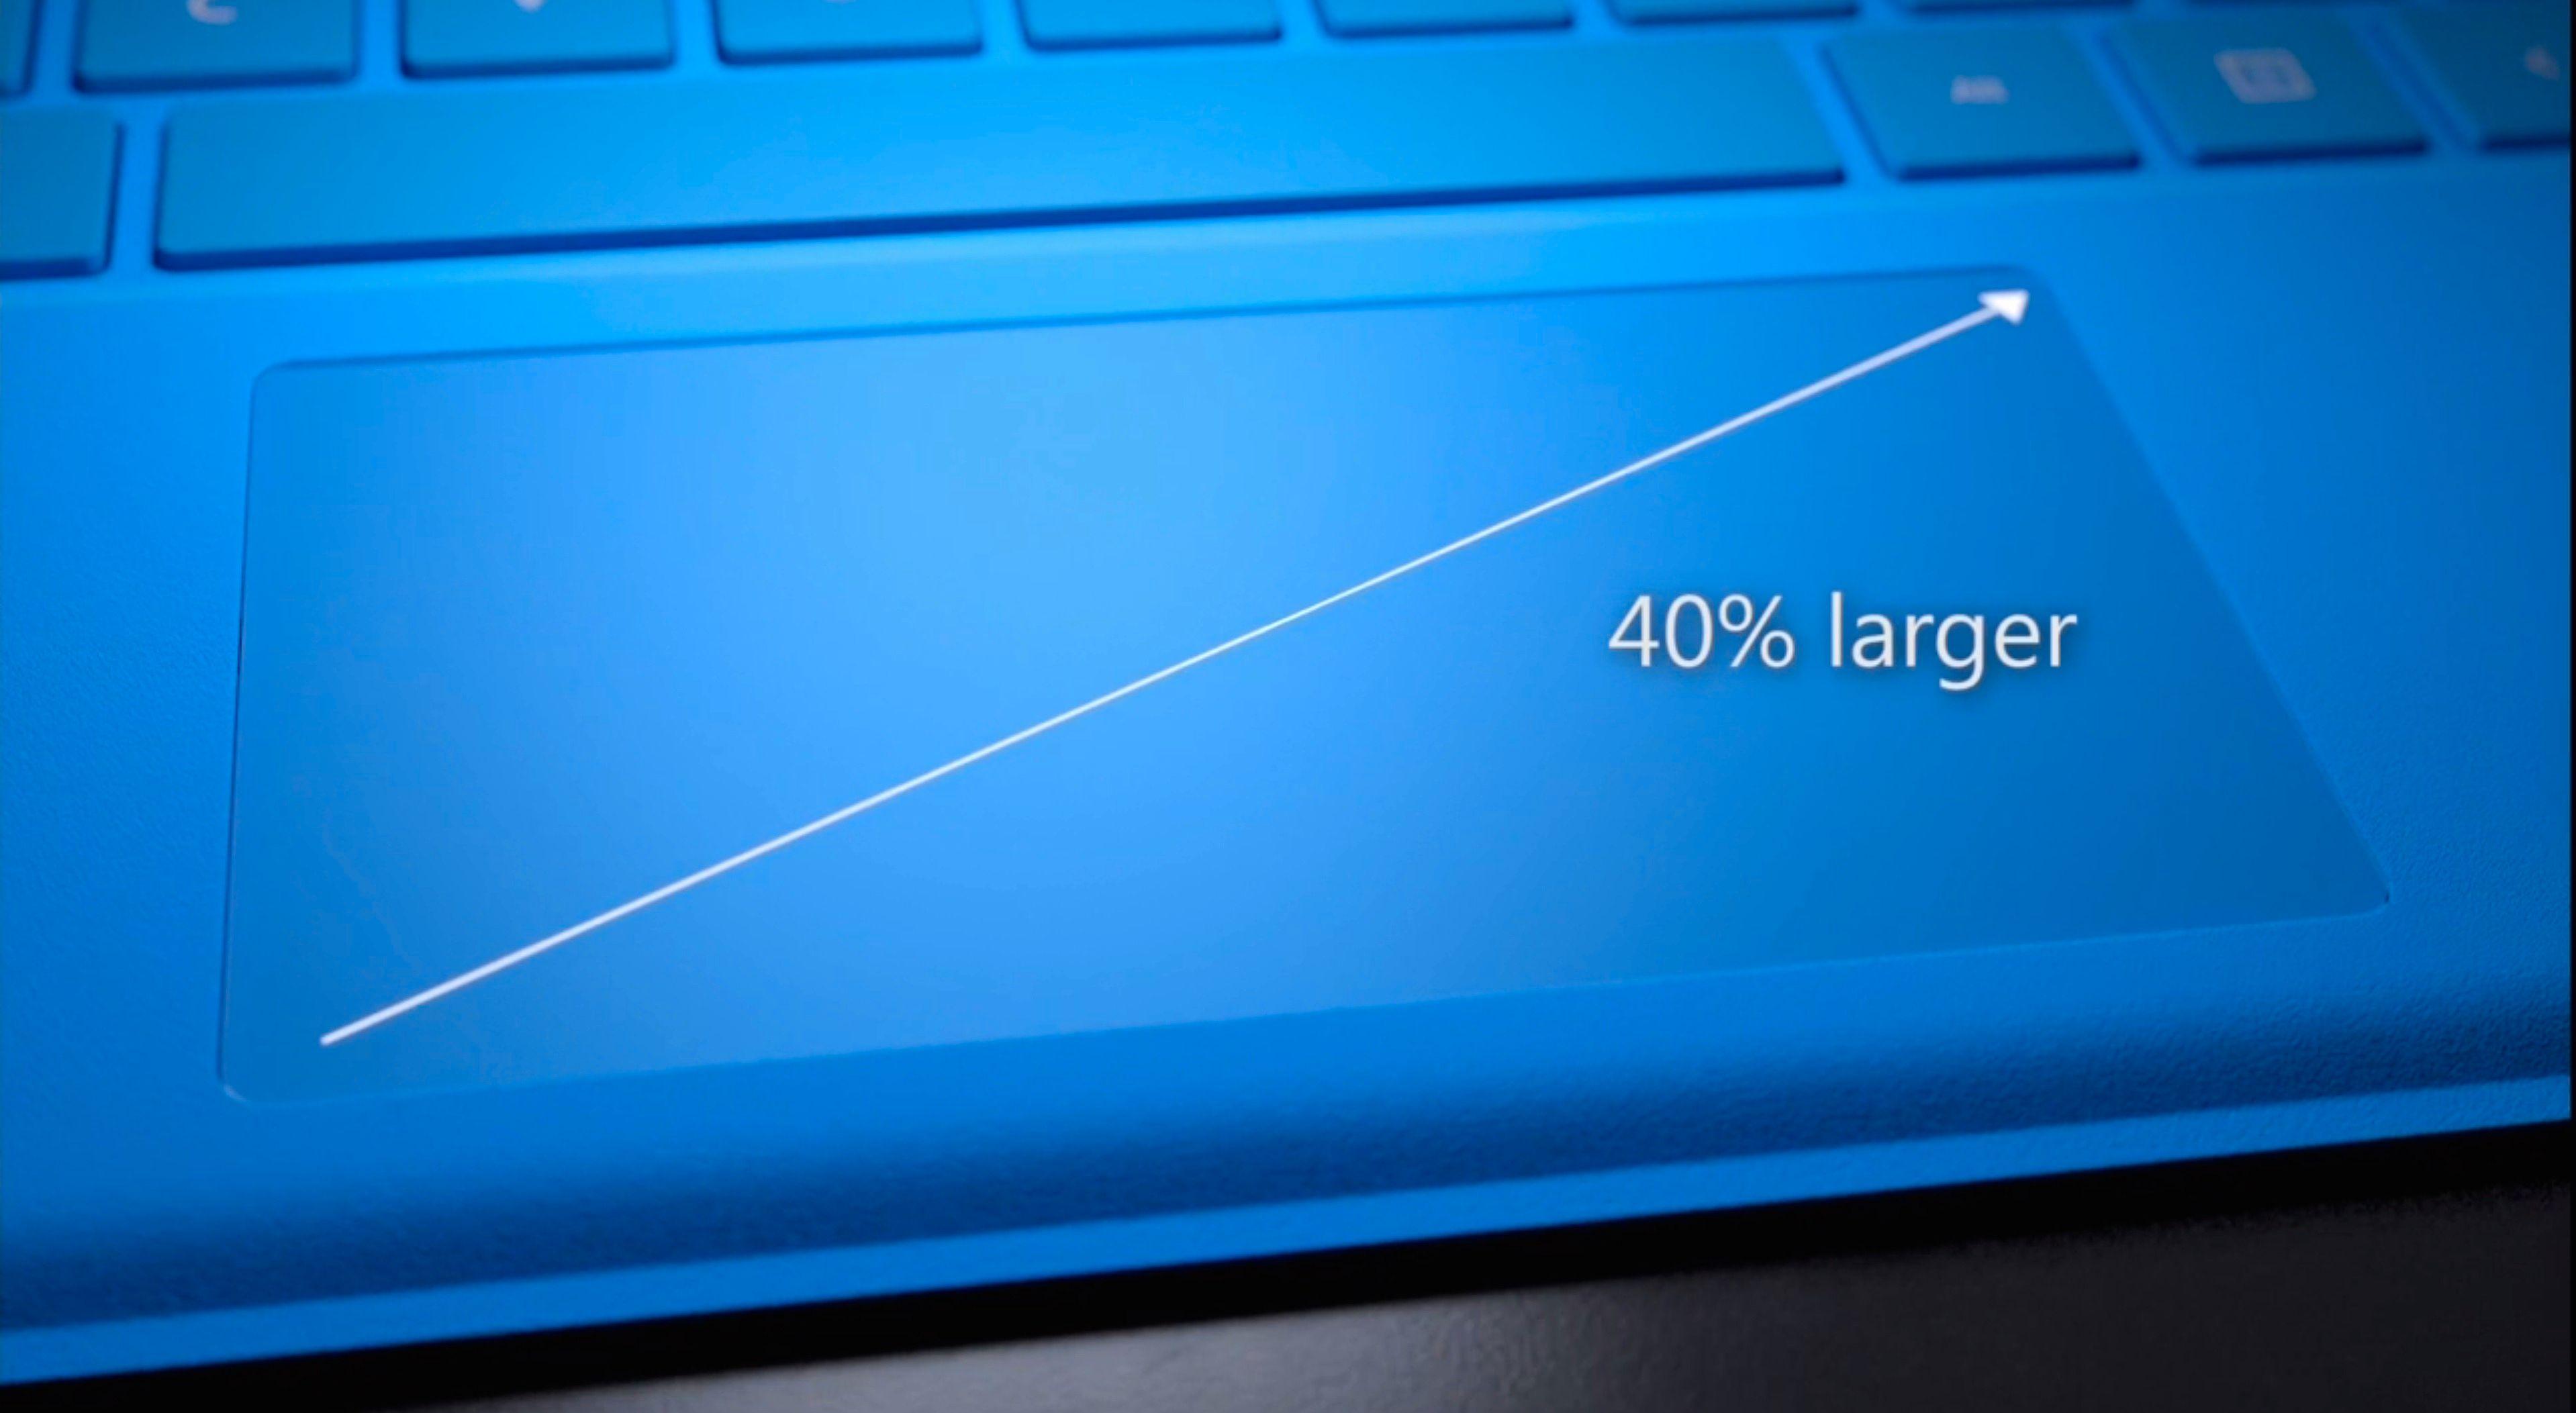 Styreflaten har økt i størrelse med 40 prosent. Foto: Microsoft, skjermdump fra video